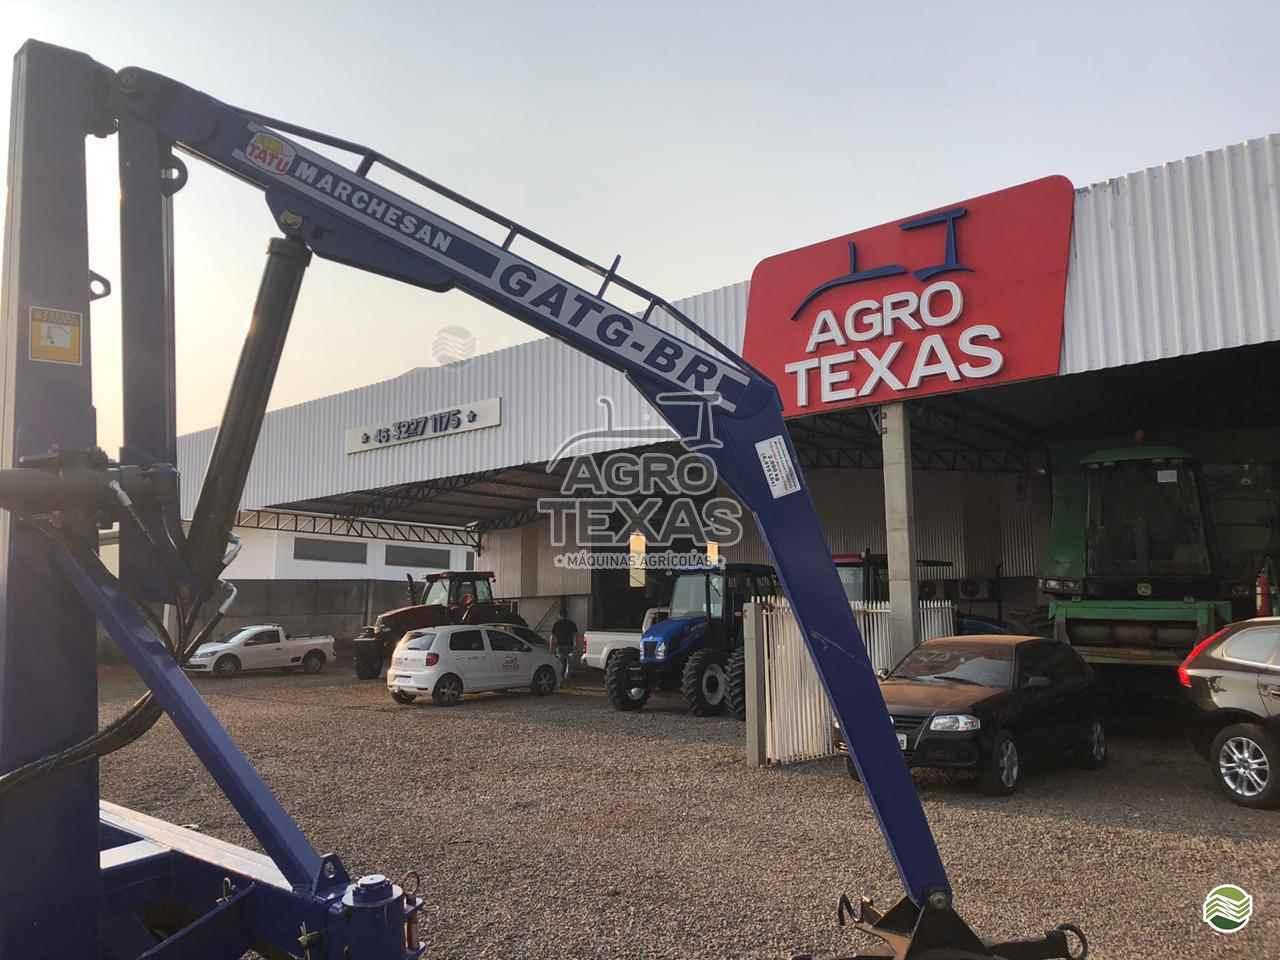 IMPLEMENTOS AGRICOLAS GUINCHO BIG BAG GUINCHO 2000 Kg Agro Texas Máquinas Agrícolas VITORINO PARANÁ PR